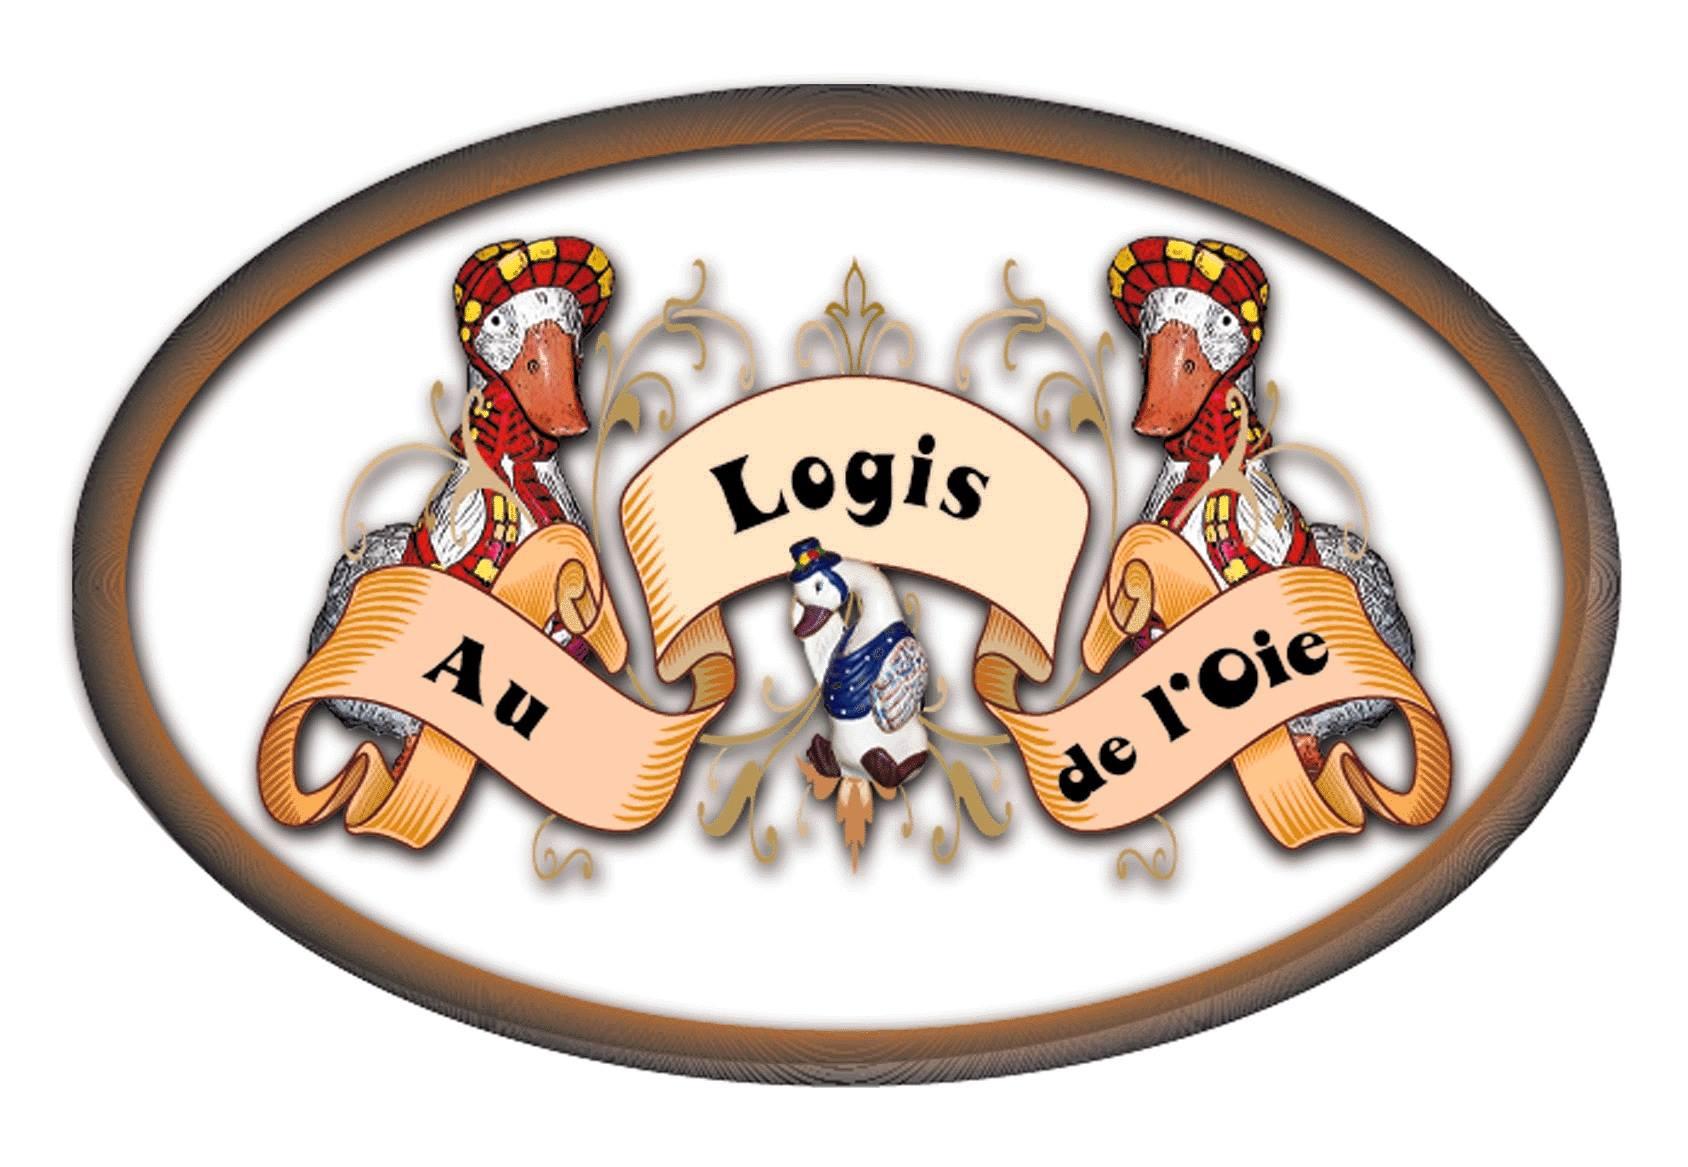 Logo Au logis de l'oie